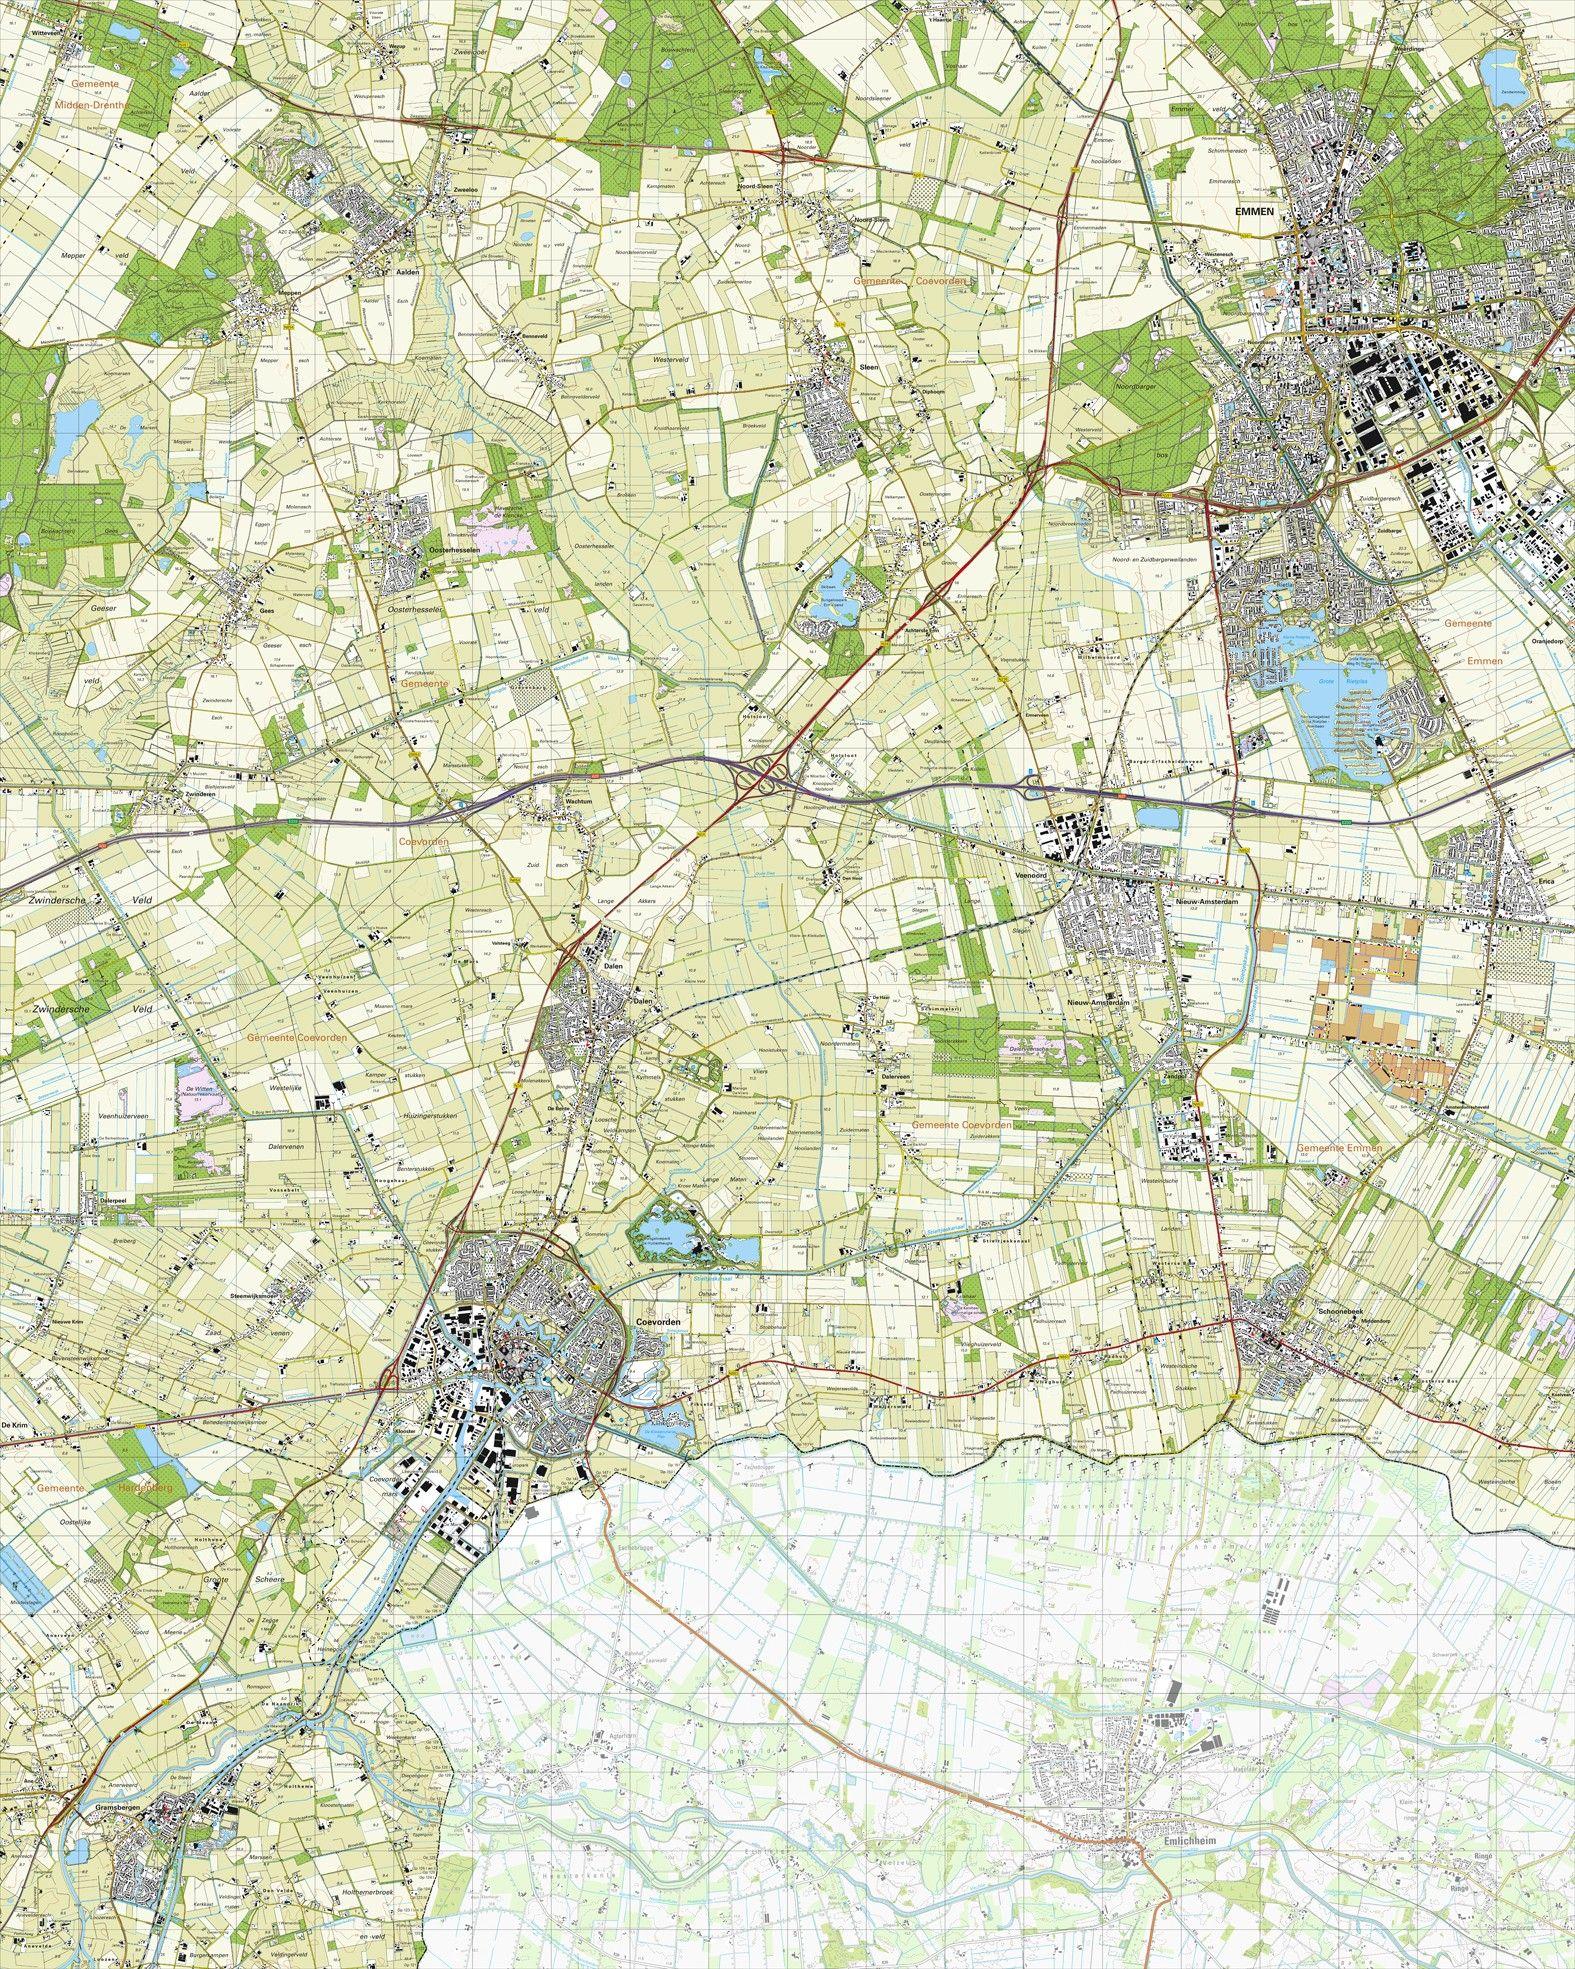 Topografische kaart schaal 1:25.000 (Emmen, Coevorden, Gramsbergen, Schoonebeek, Sleen)